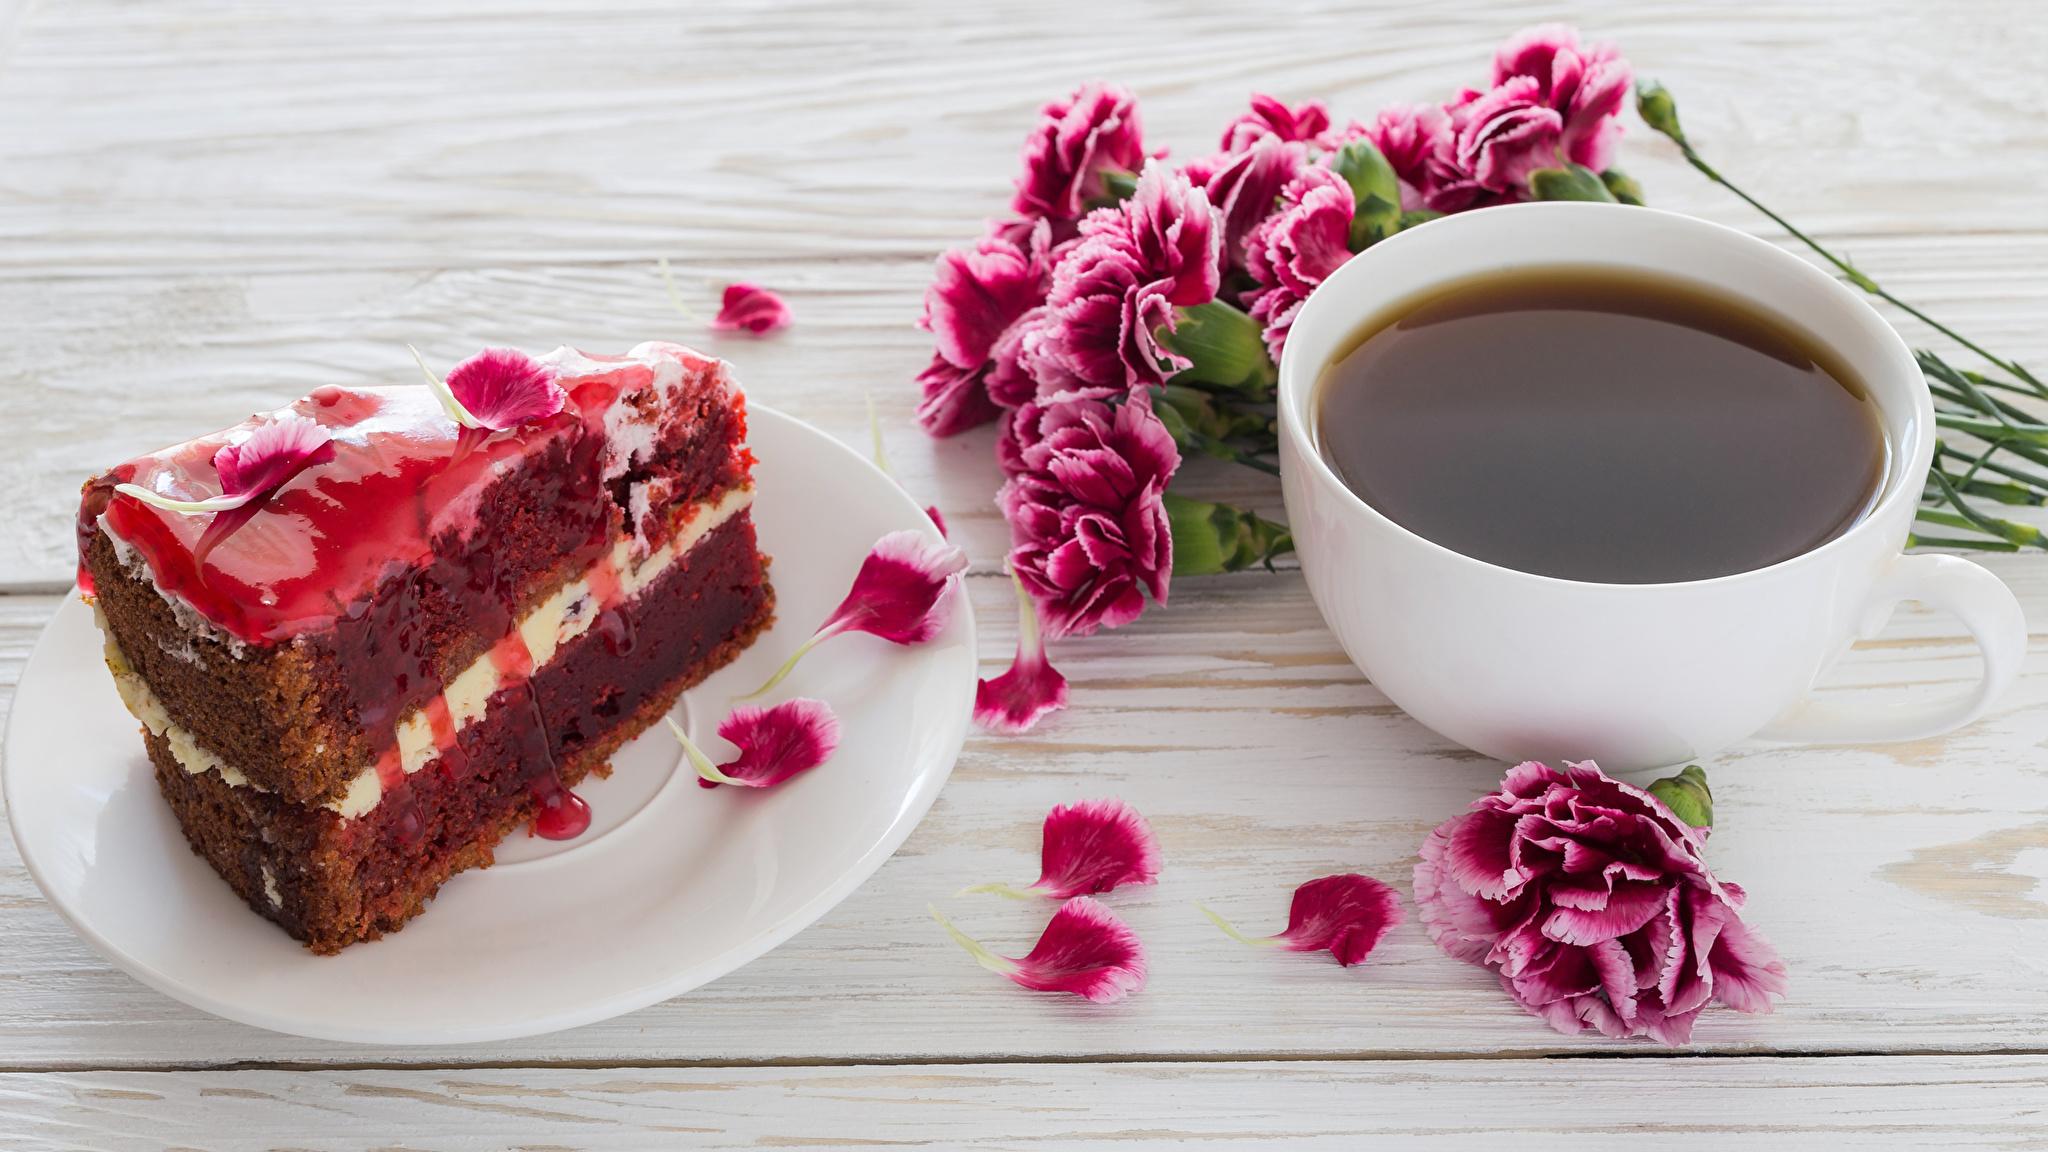 Фотография Кофе Торты Лепестки Кусок Гвоздики Еда Чашка Доски 2048x1152 часть Пища Продукты питания